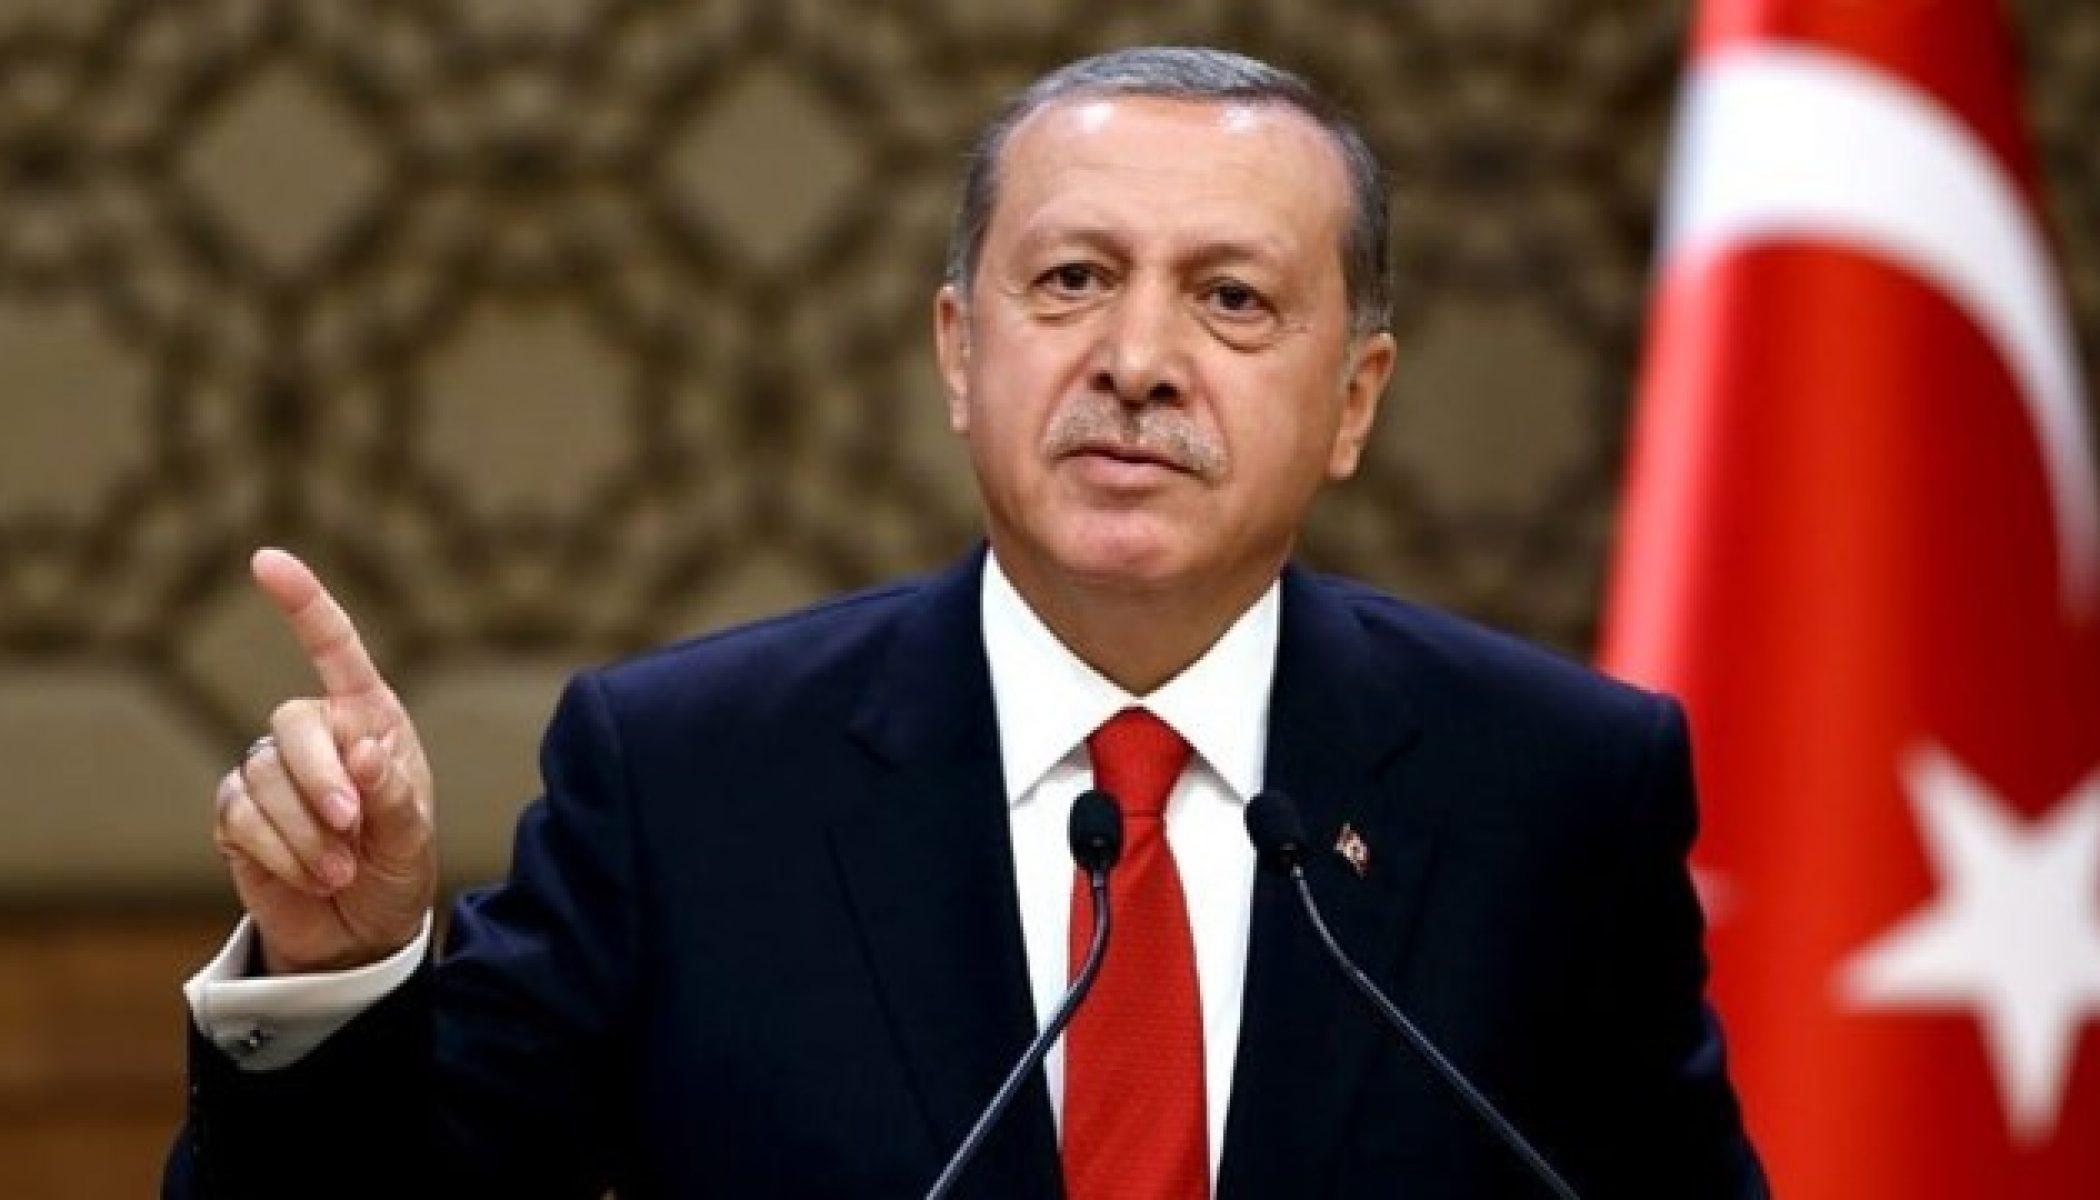 Cumhurbaşkanı Erdoğan'dan 4 milyon vatandaş için ilaç gibi talimat